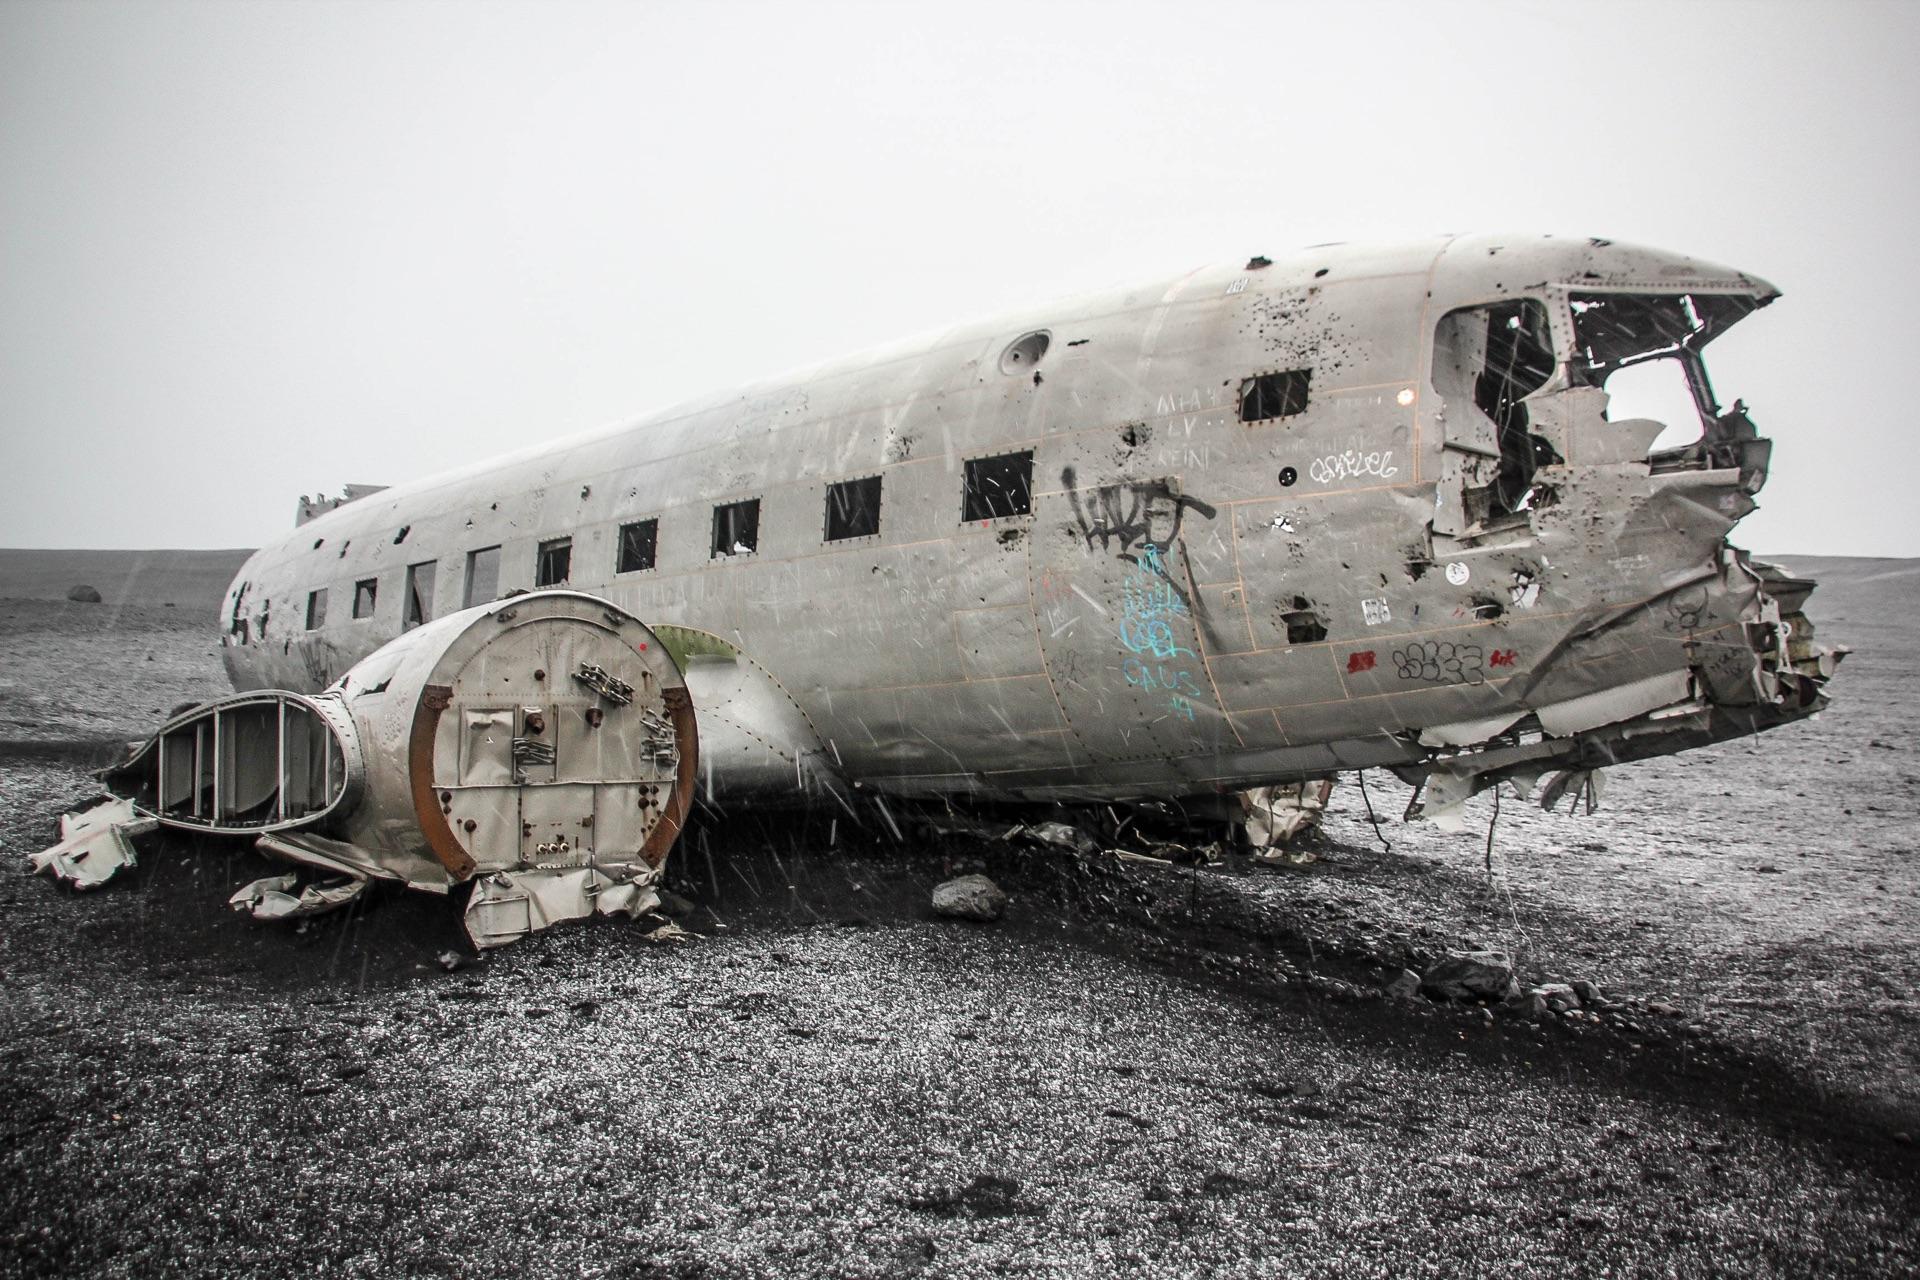 Solheimasandur Wreck, Travel Drift, Iceland